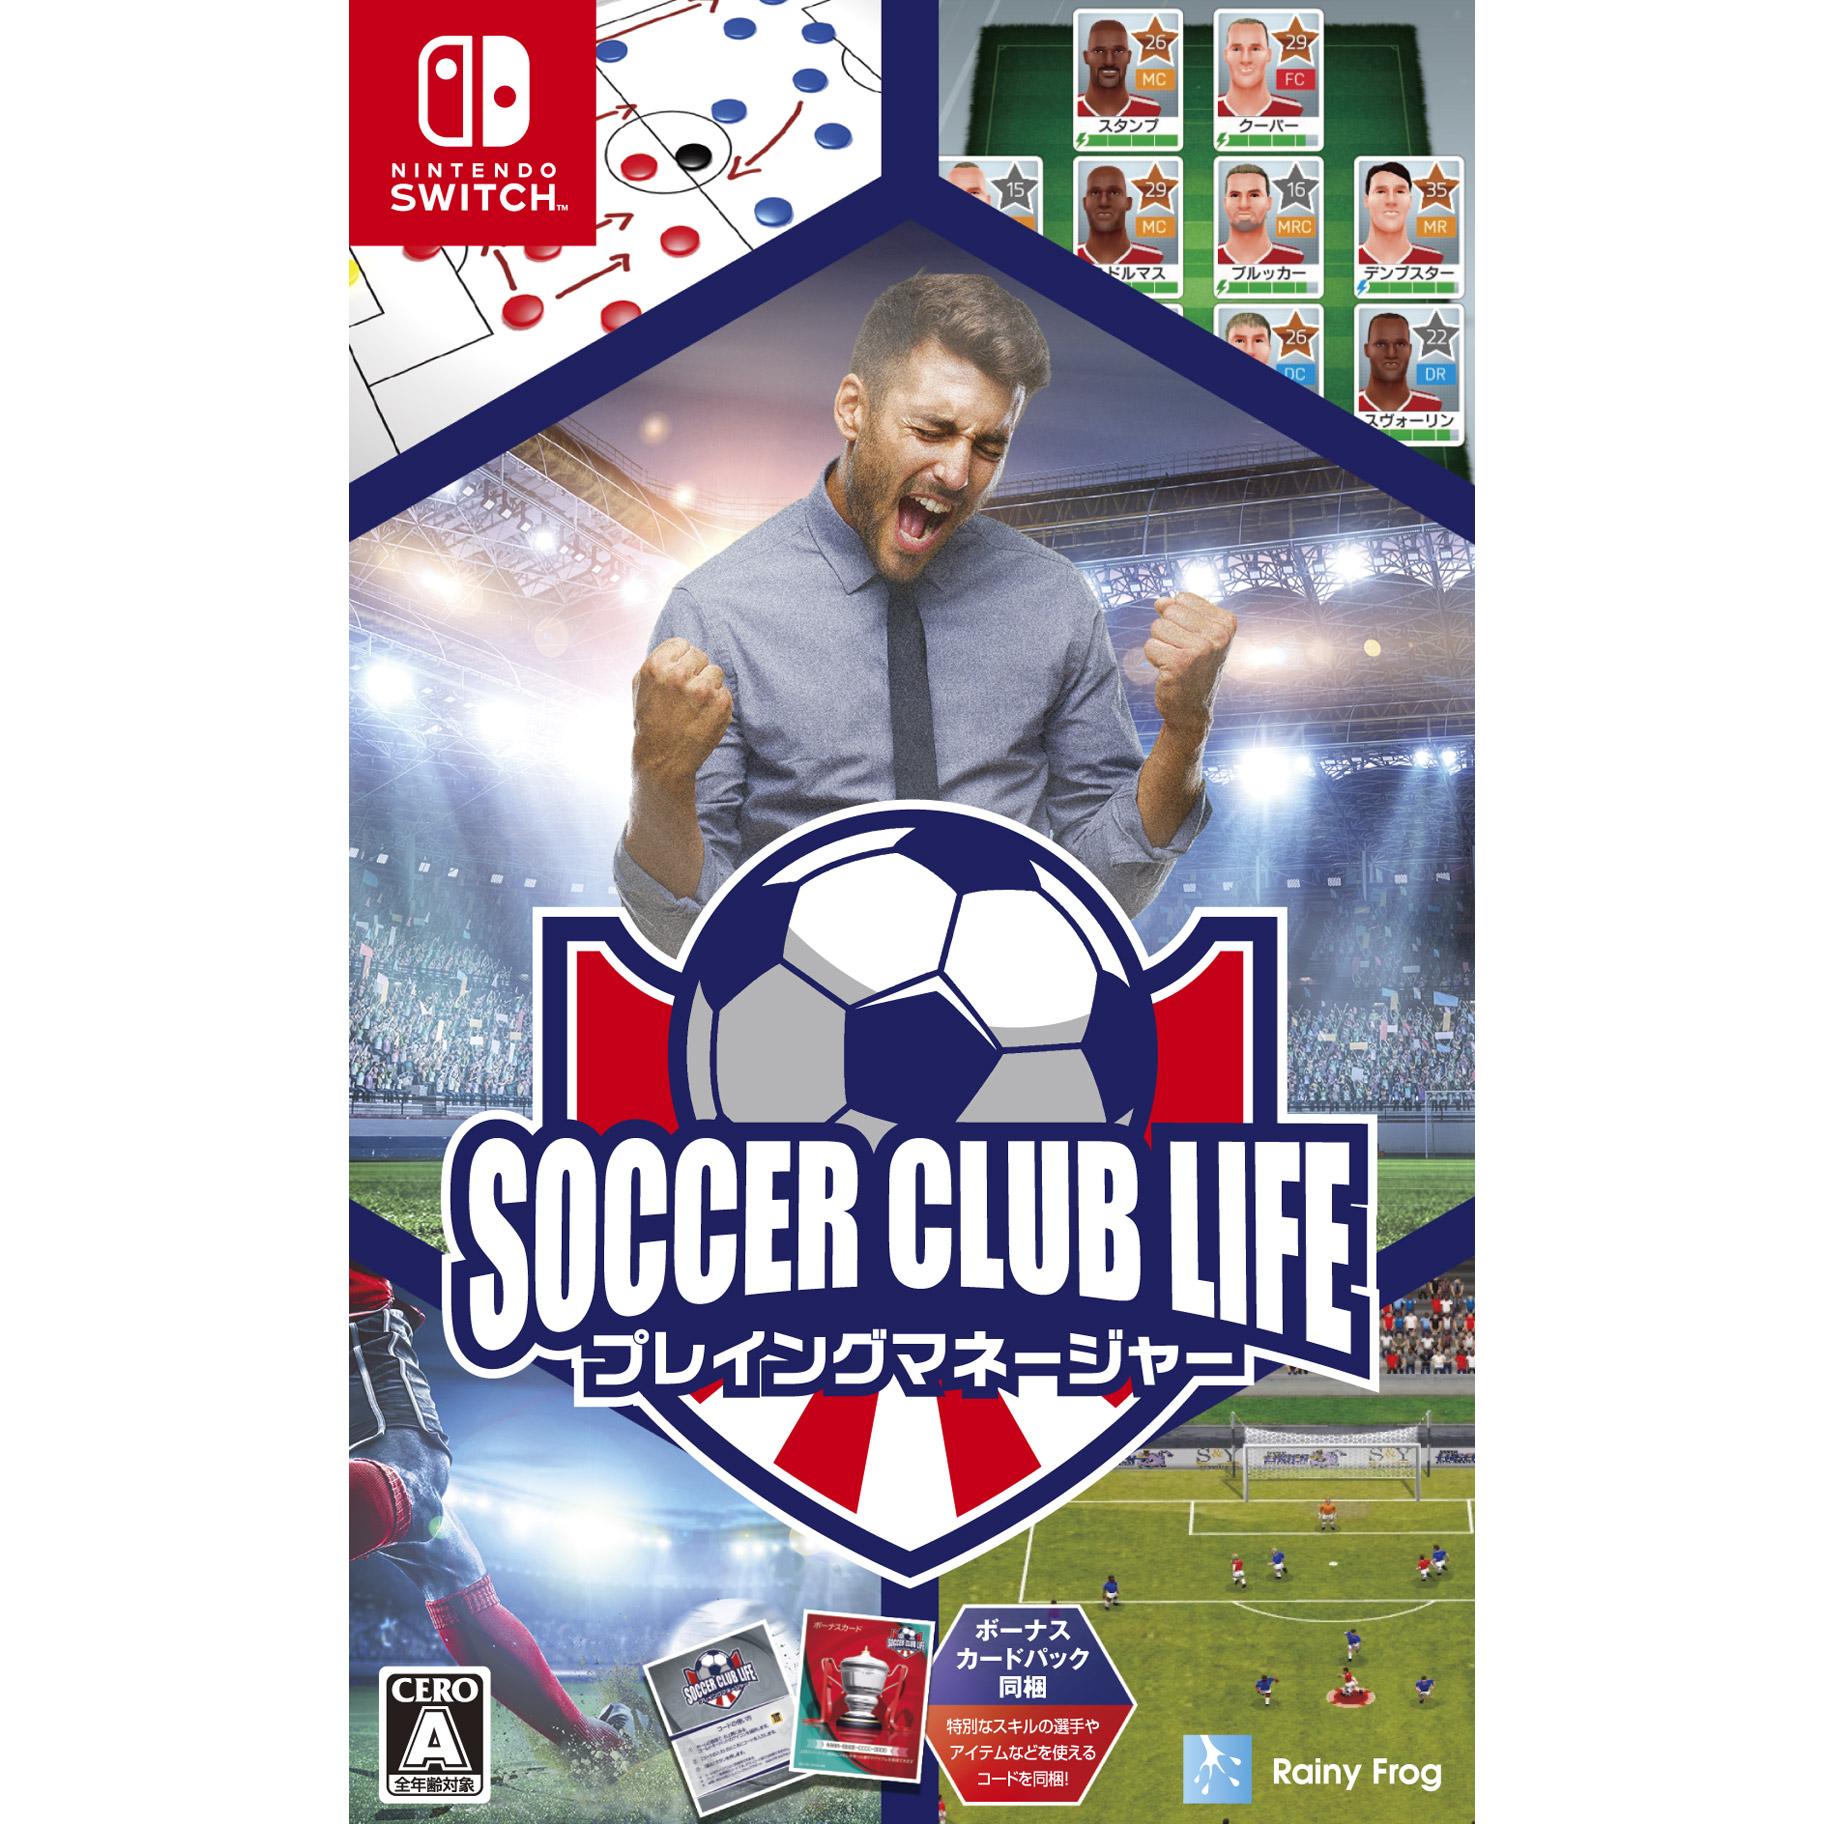 サッカークラブライフ プレイングマネージャー 【Switchゲームソフト】